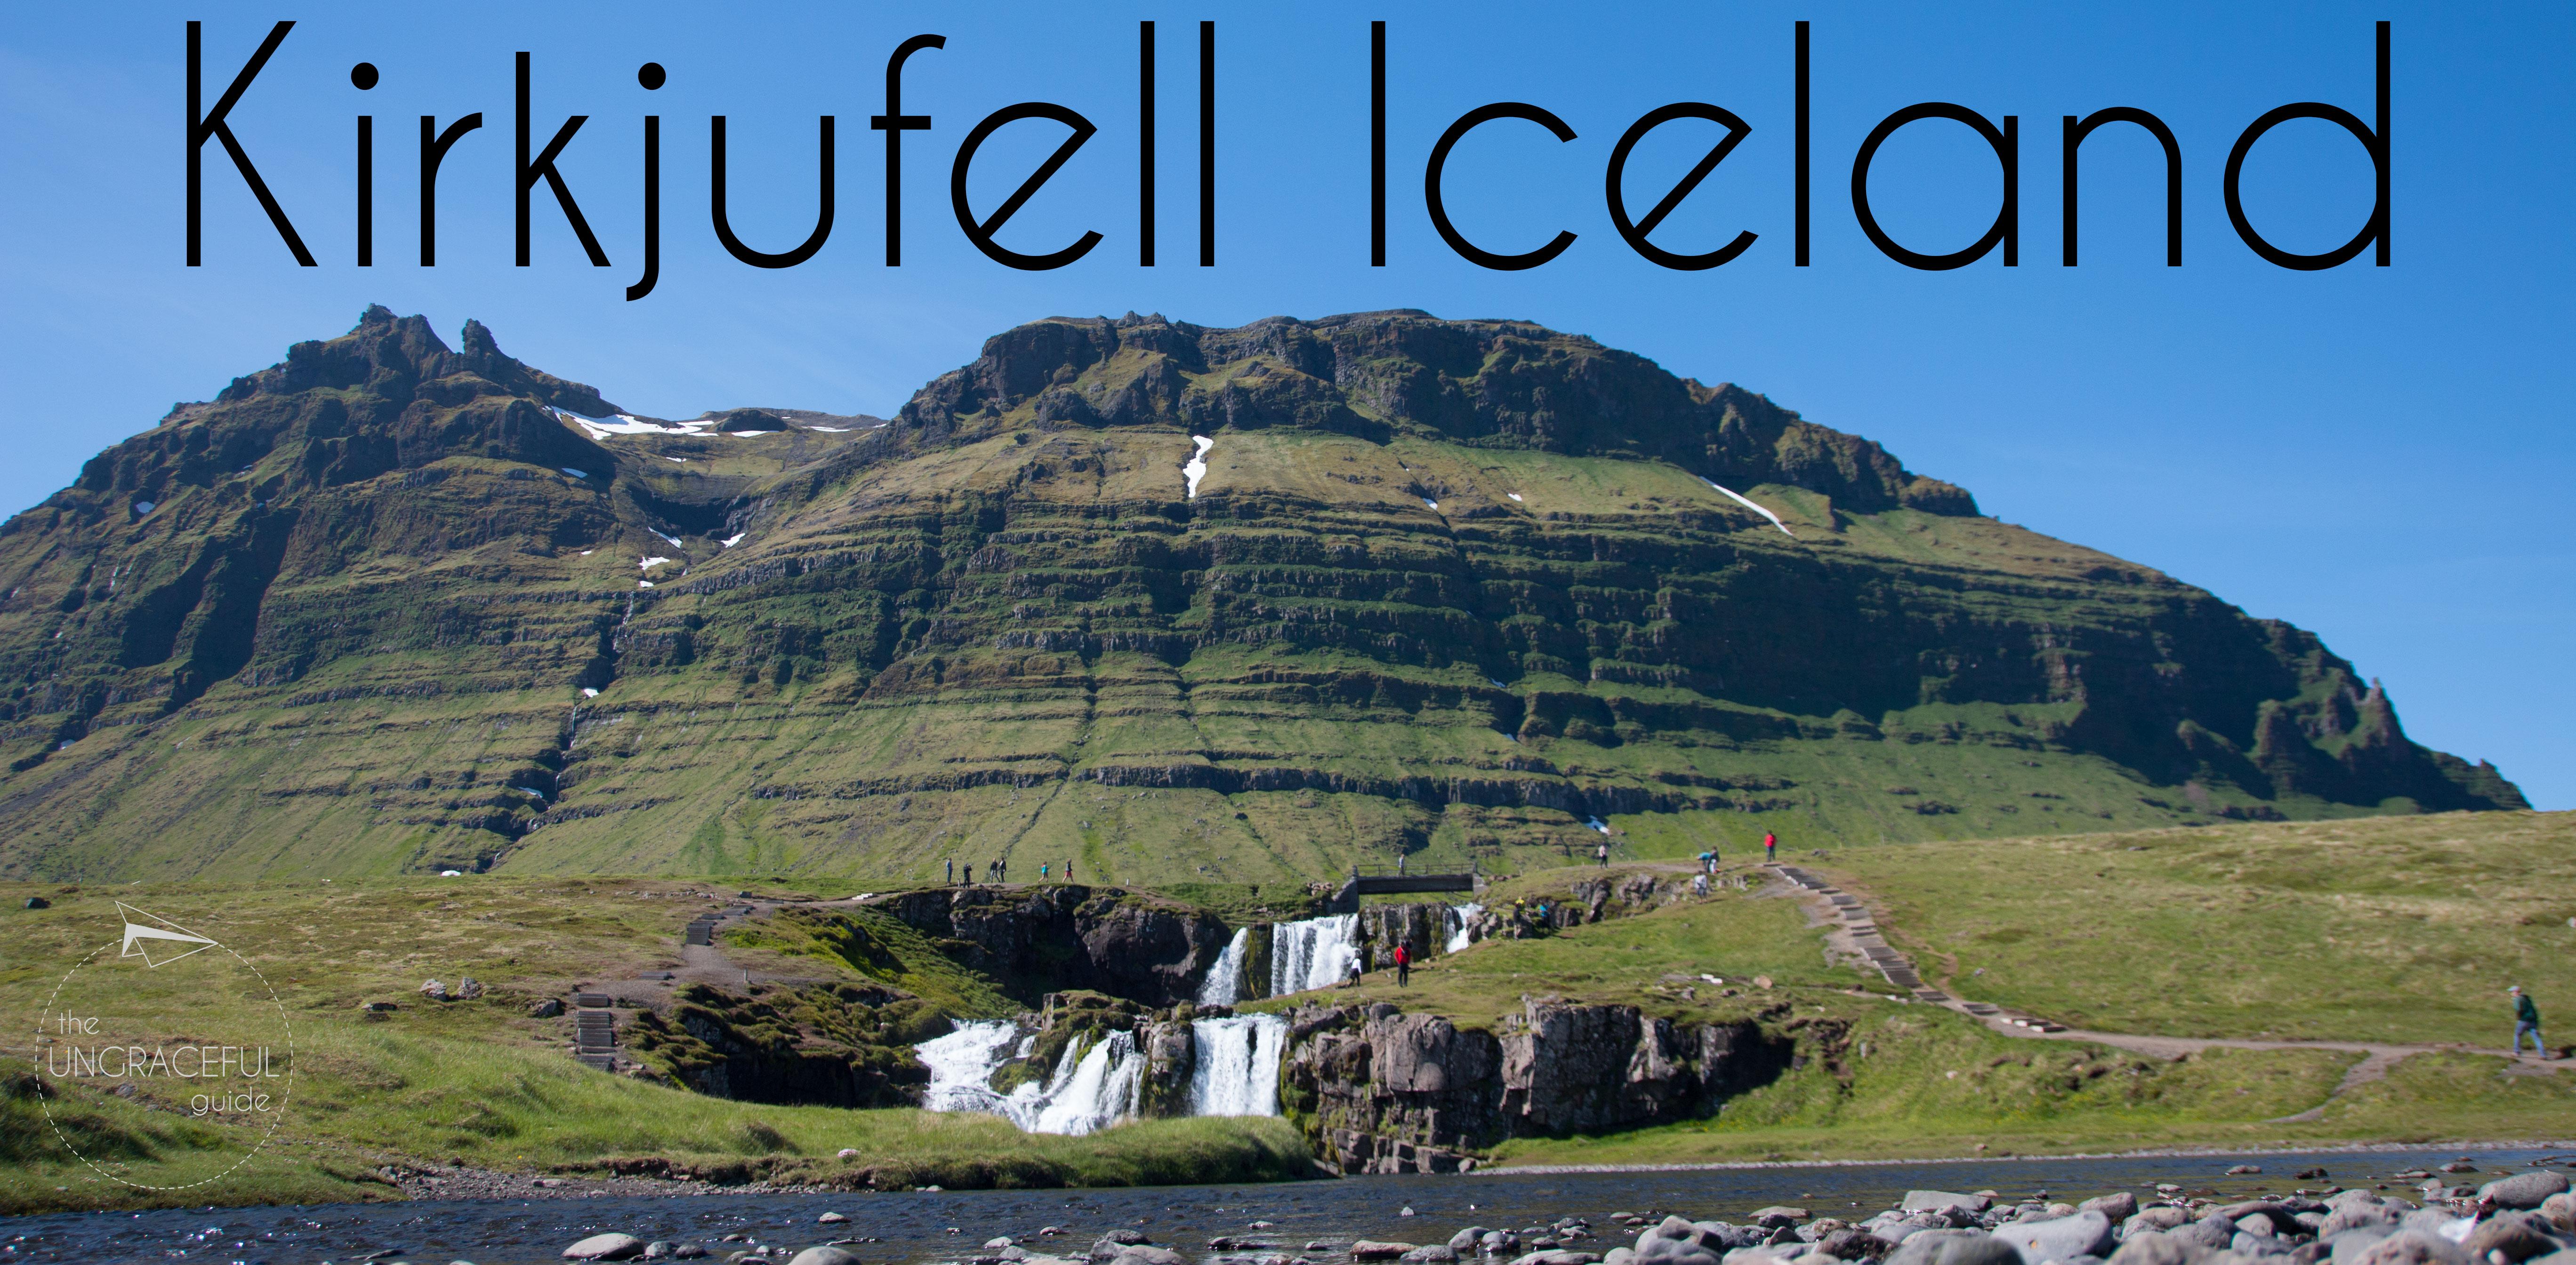 """<img src=""""data:image/gif;base64,R0lGODdhAQABAPAAAP///wAAACwAAAAAAQABAEACAkQBADs="""" data-lazy-src=""""images/"""" width=""""800"""" height=""""600"""" alt=""""iceland - Kirkjufell mountain - Iceland: How to get the most on a budget"""">"""